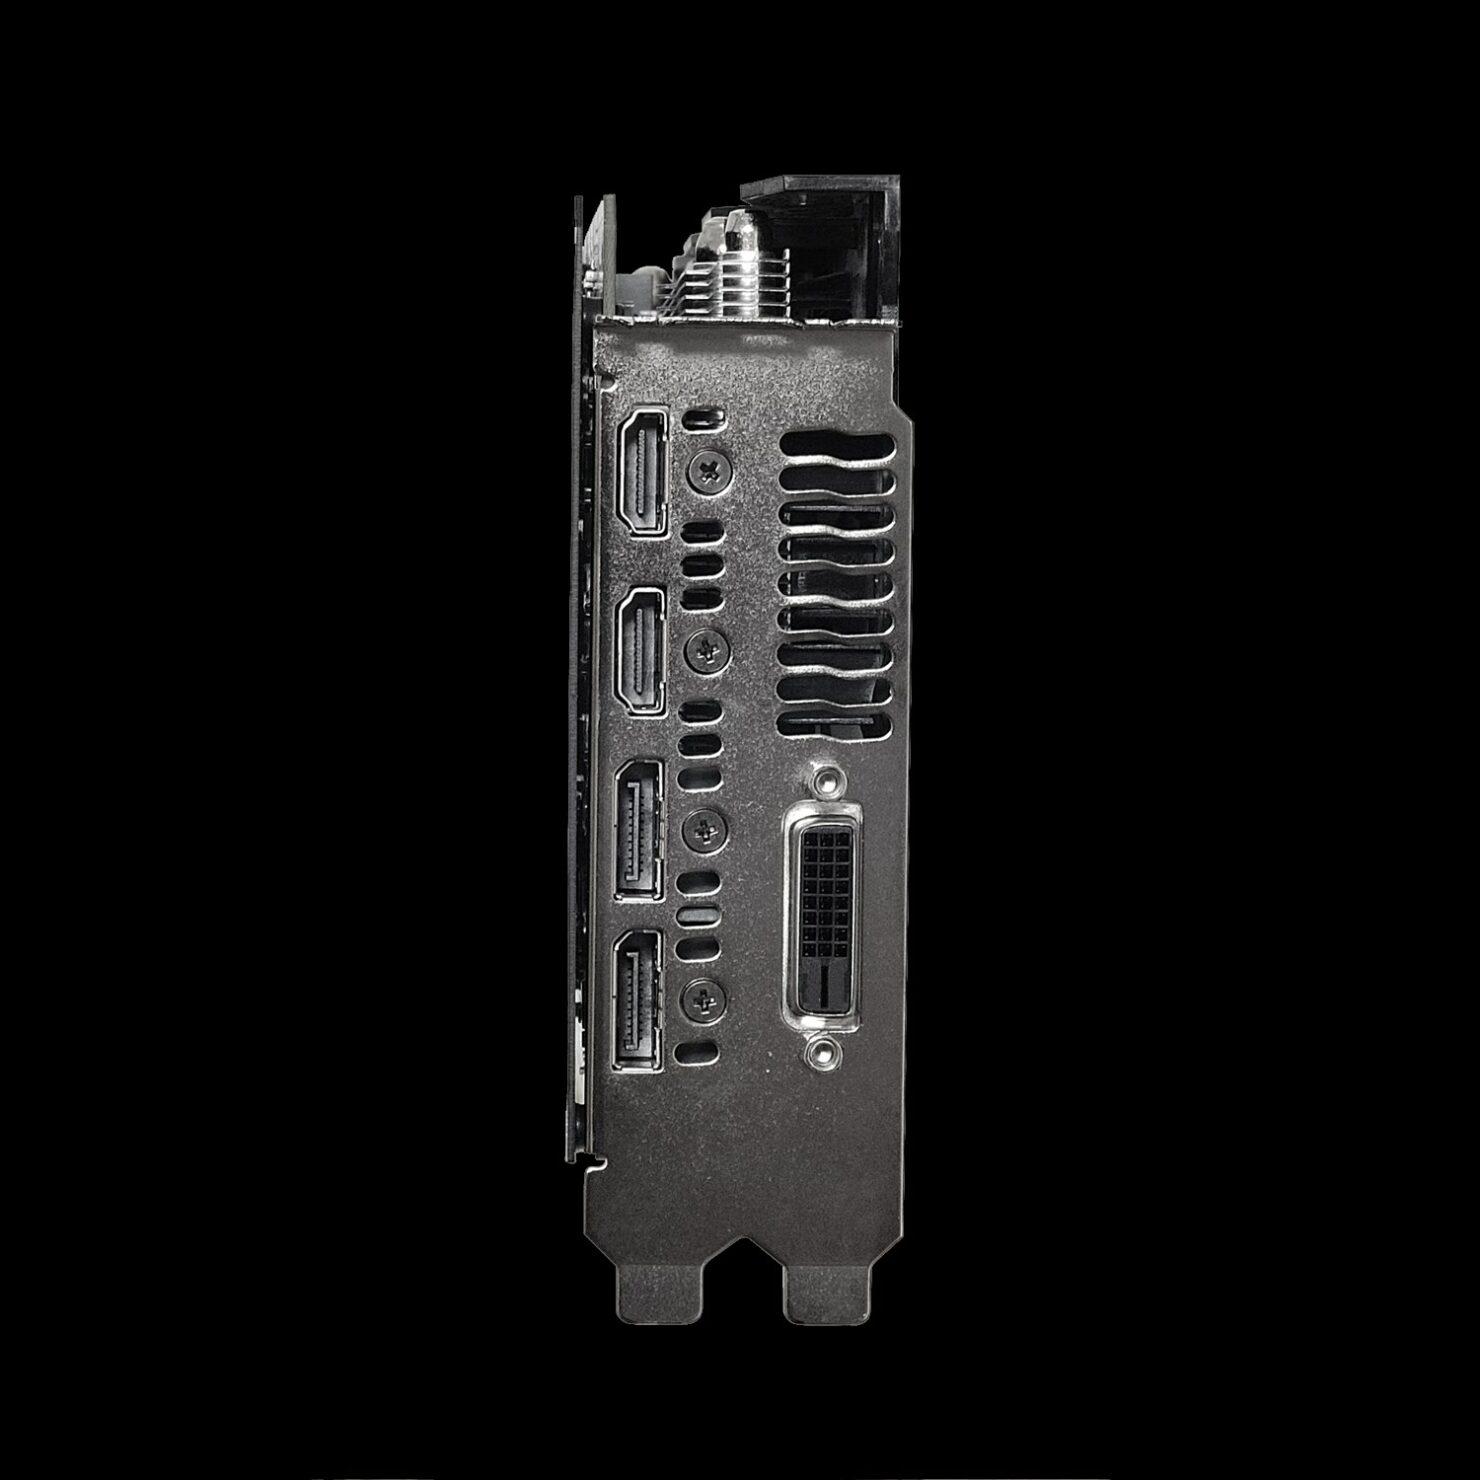 asus-geforce-gtx-1060-directcu-ii-9-gbps-gddr5_4